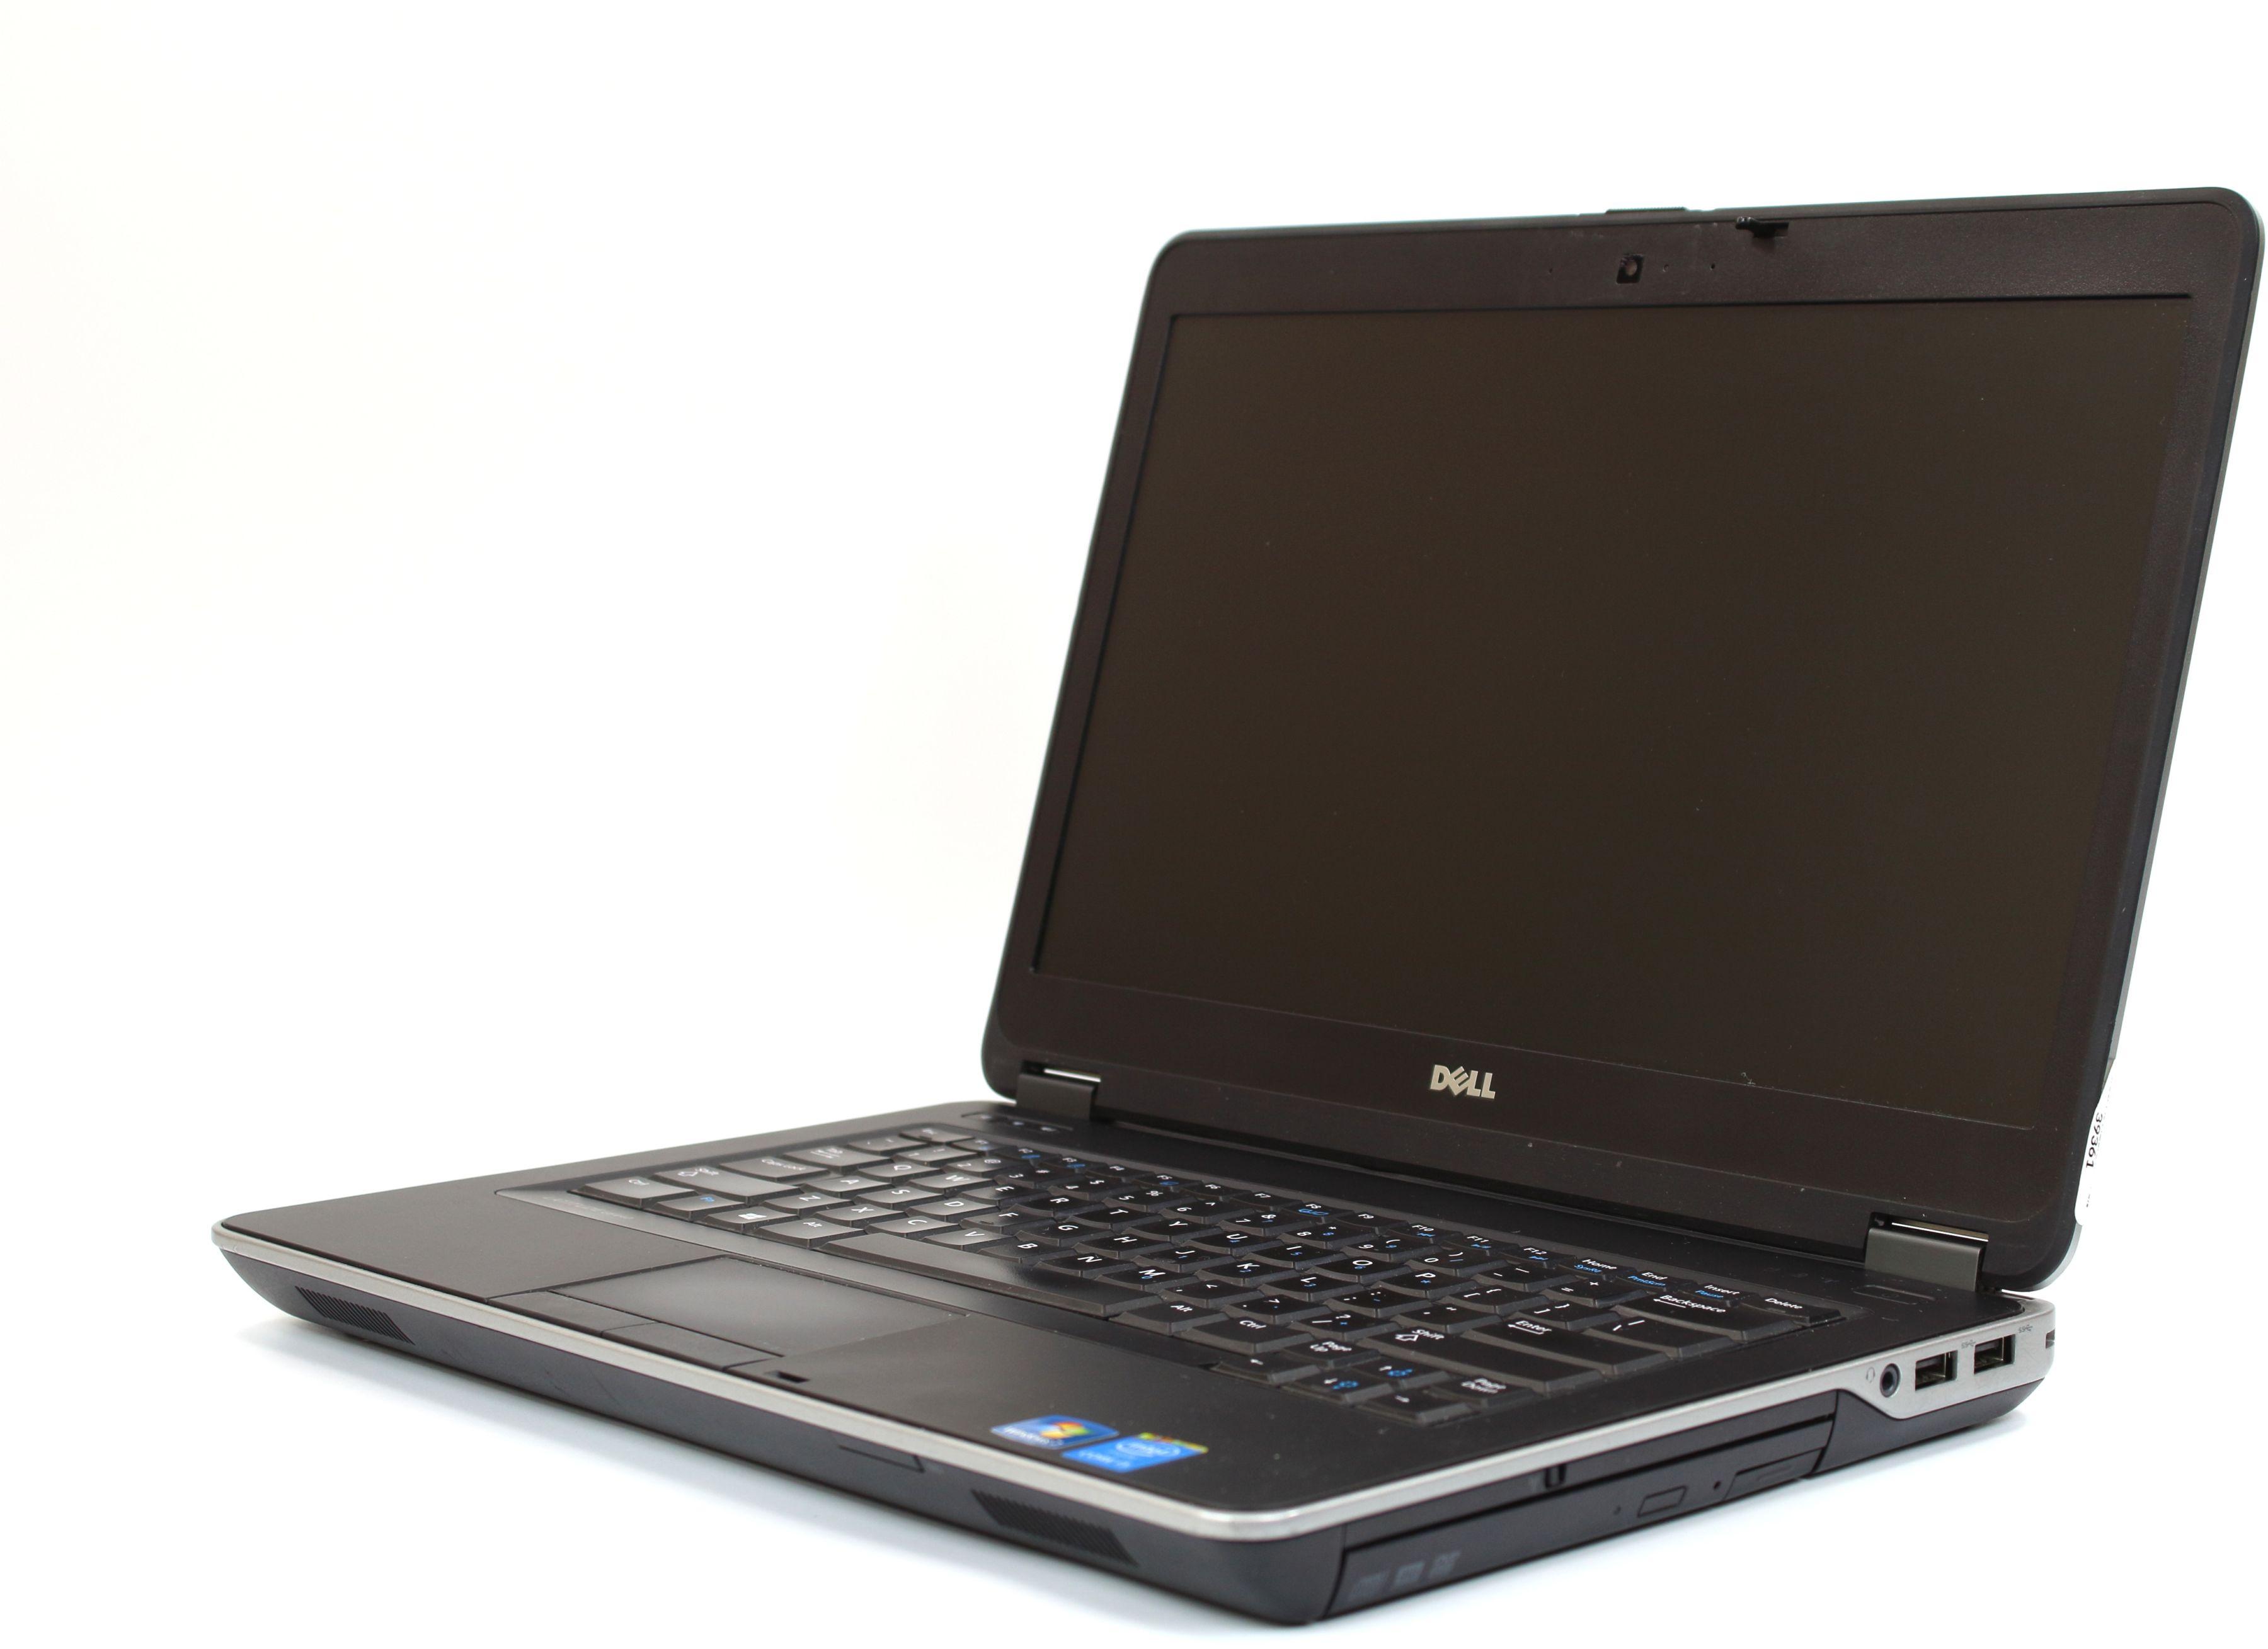 Laptop DELL Latitude E6440 HD i5-4300M 8GB 240GB HDMI Kamera Windows 7 Professional